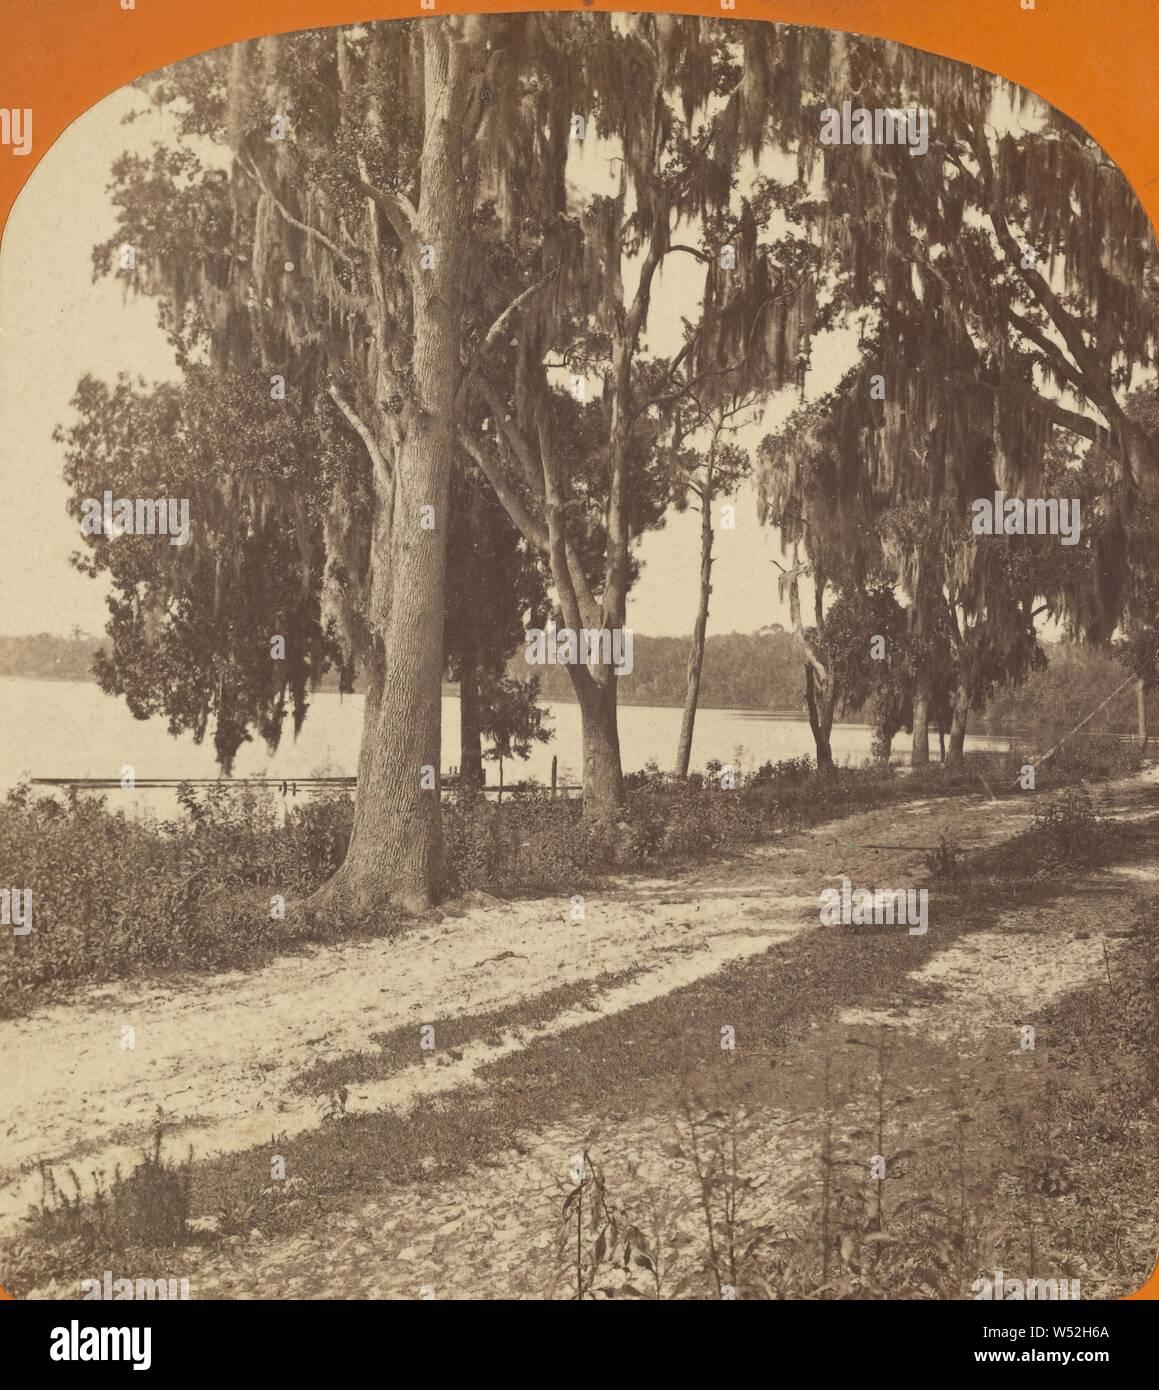 Saint John's River, Palatka., A.D. White (États-Unis, actif 1870), années 1870, à l'albumine argentique Banque D'Images